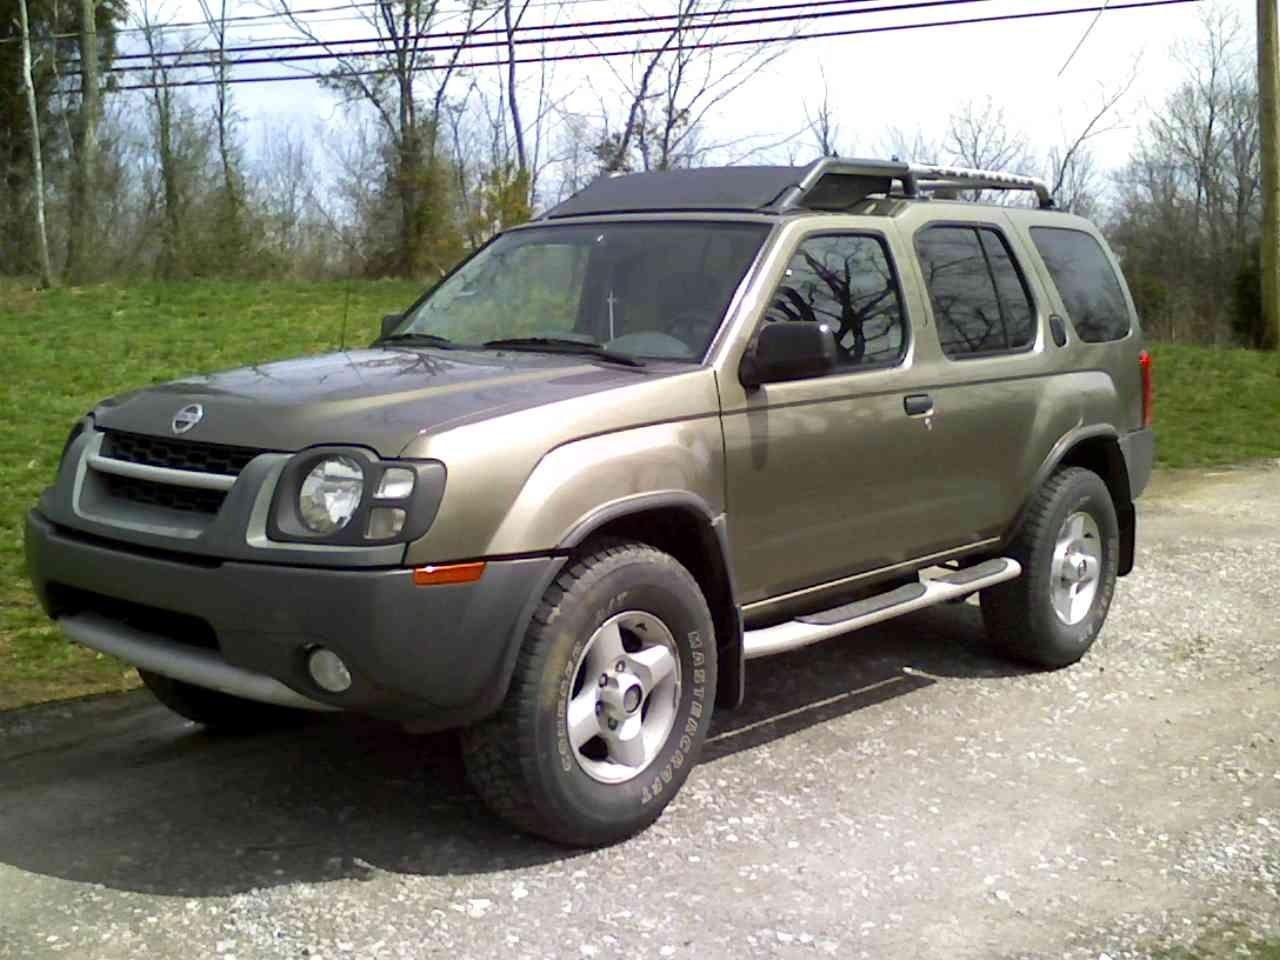 2002 Nissan Xterra Exterior Pictures CarGurus in 2020